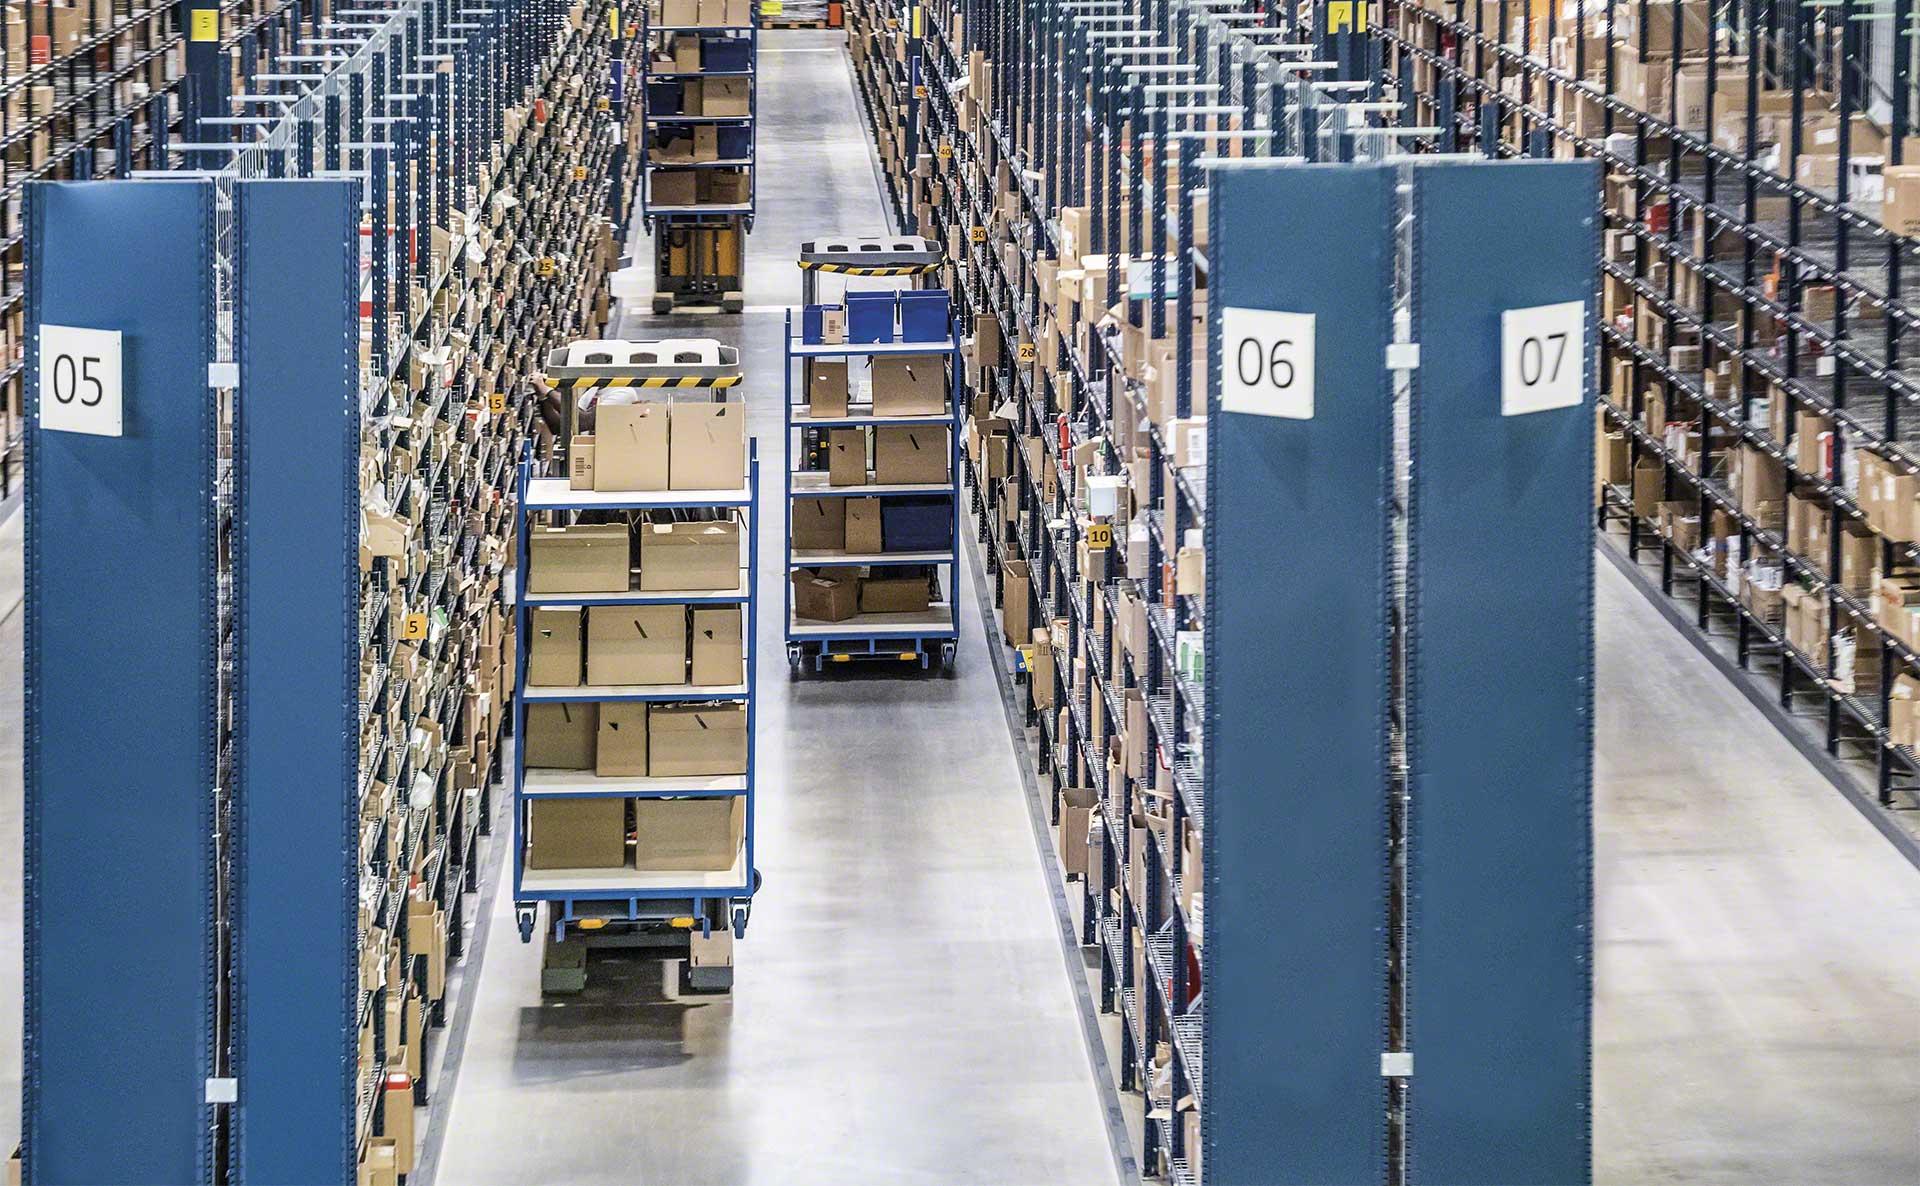 Robot mobili in magazzino: applicazioni e usi